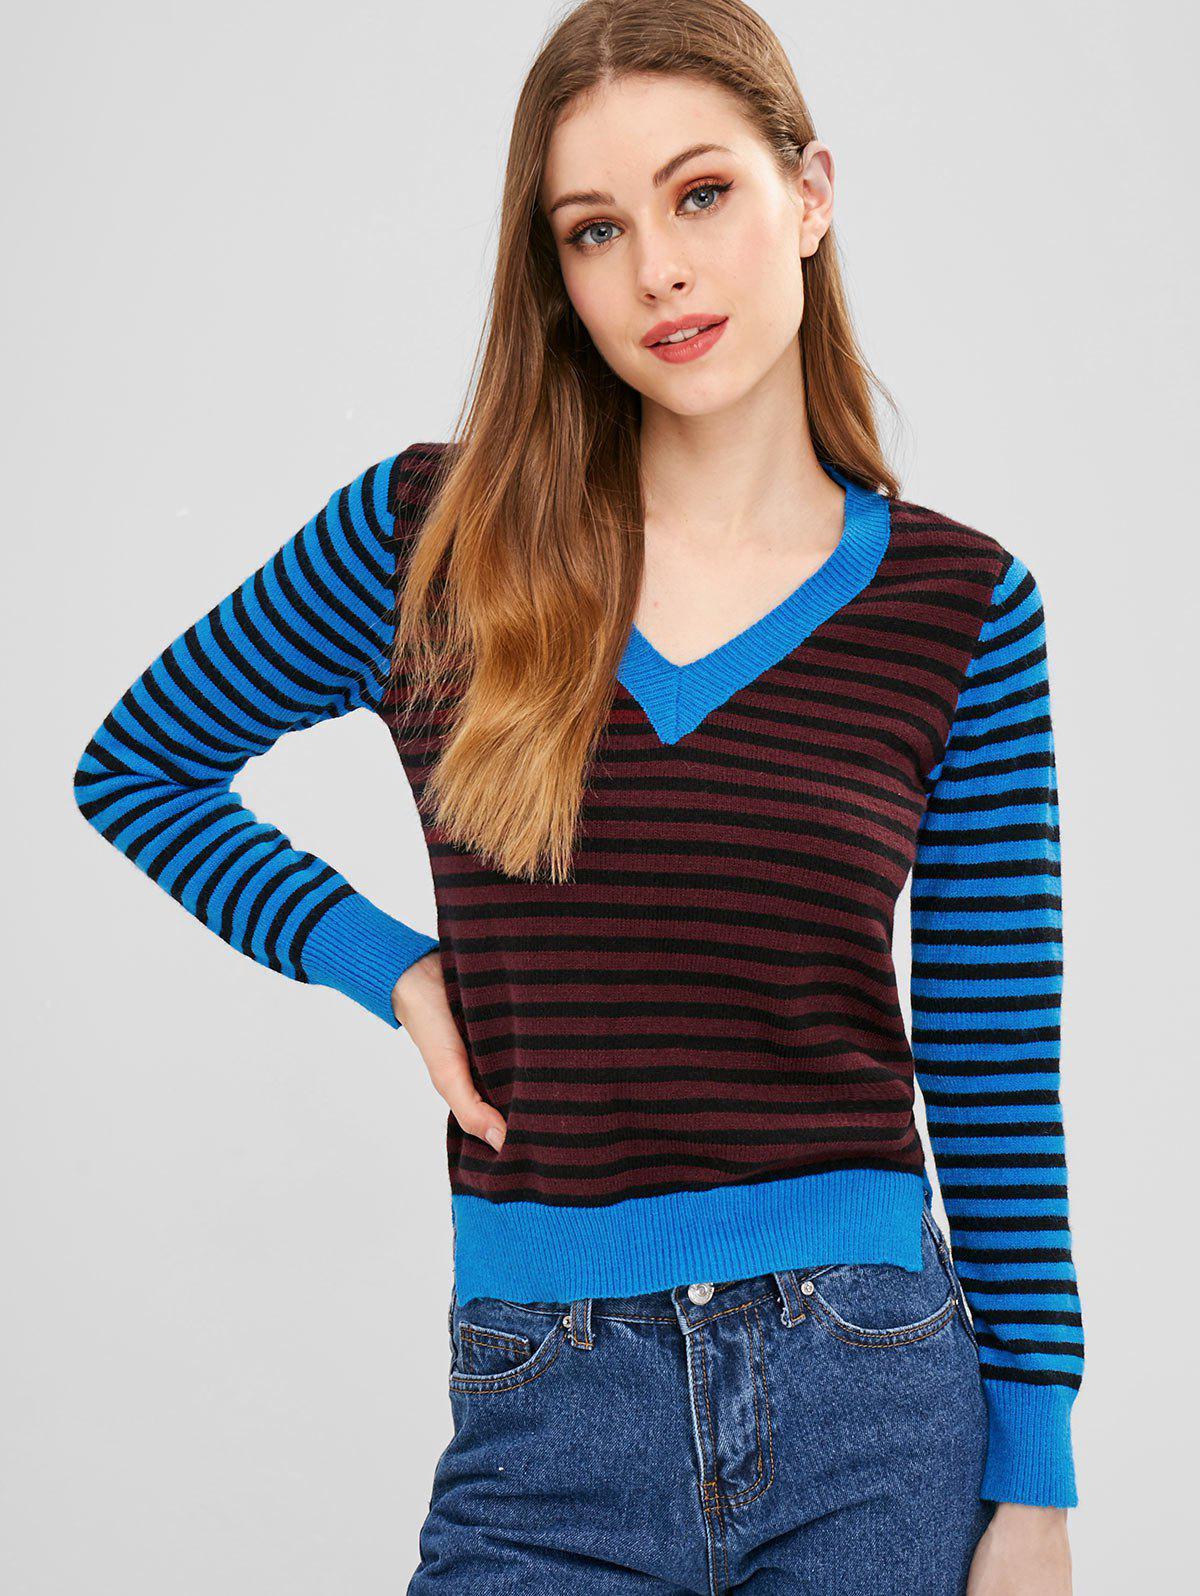 ZAFUL Slit Stripes V Neck Sweater фото